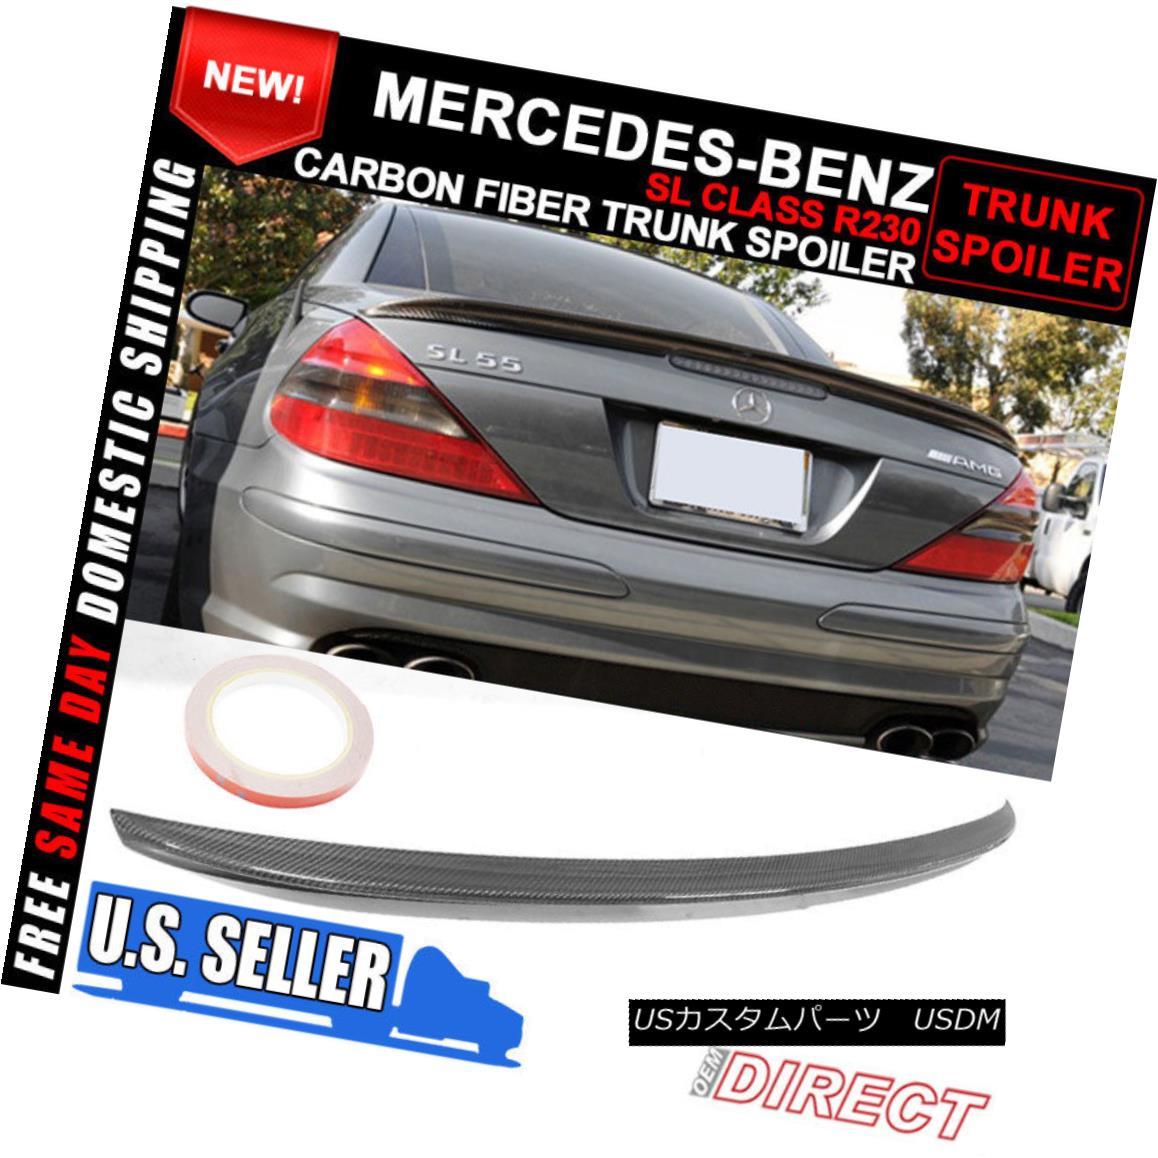 エアロパーツ 03-11 Mercedes Benz SL Class R230 AMG Style Rear Trunk Spoiler Carbon Fiber 03-11メルセデスベンツSLクラスR230 AMGスタイルリアトランクスポイラーカーボンファイバー